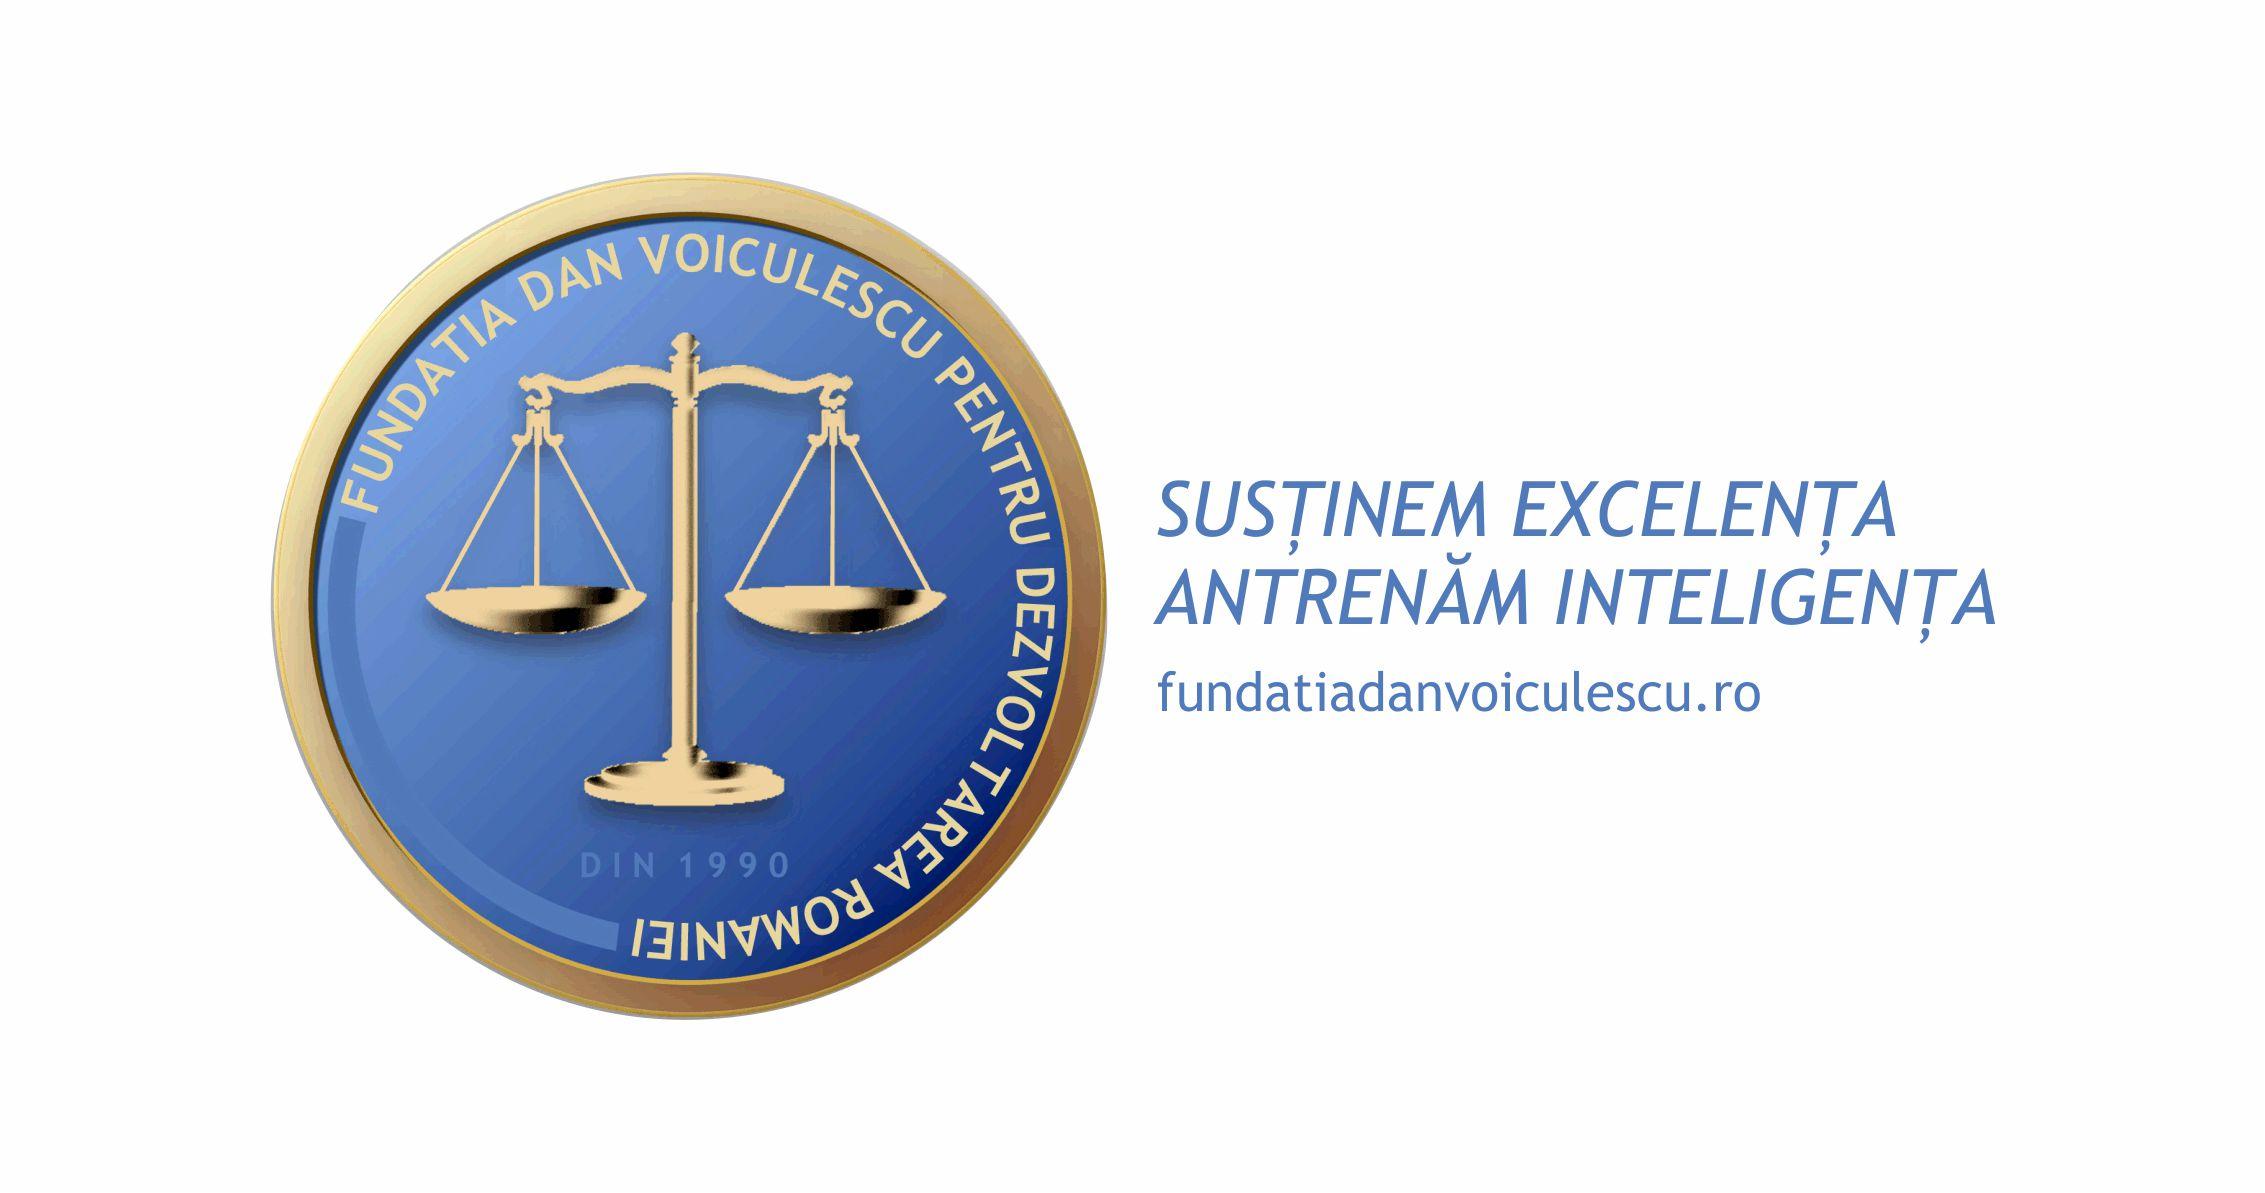 www.fundatiadanvoiculescu.ro De 20 de ani, misiunea organizaţiei este aceea de a promova valorile umane şi profesionale, in domeniul tehnic, stiintific, social, economic, educaţional, cultural şi artistic.